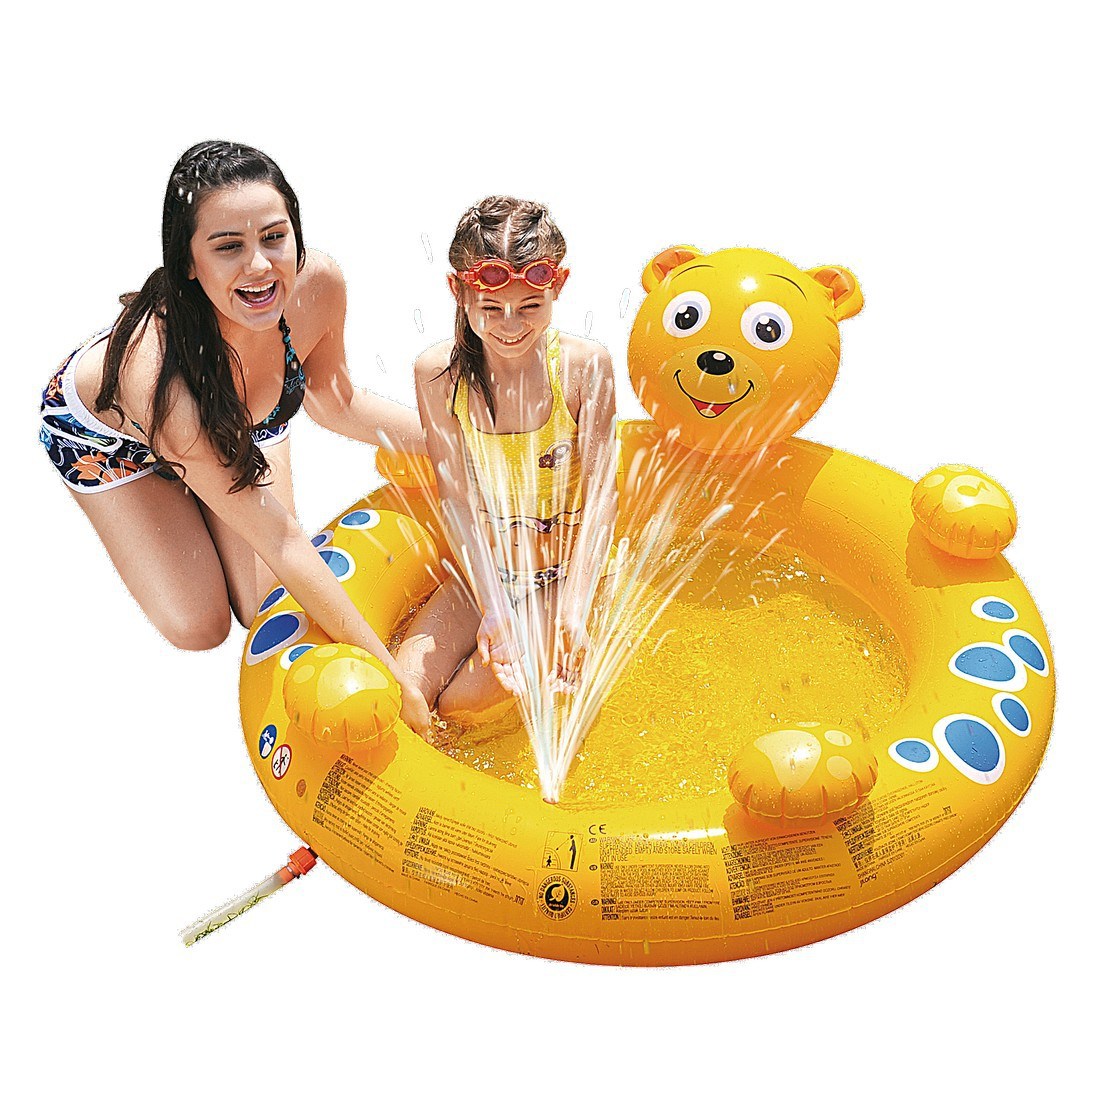 jilong bear spray pool kinder planschbecken mit wasserspr her f r kinder von 2 6 jahren. Black Bedroom Furniture Sets. Home Design Ideas